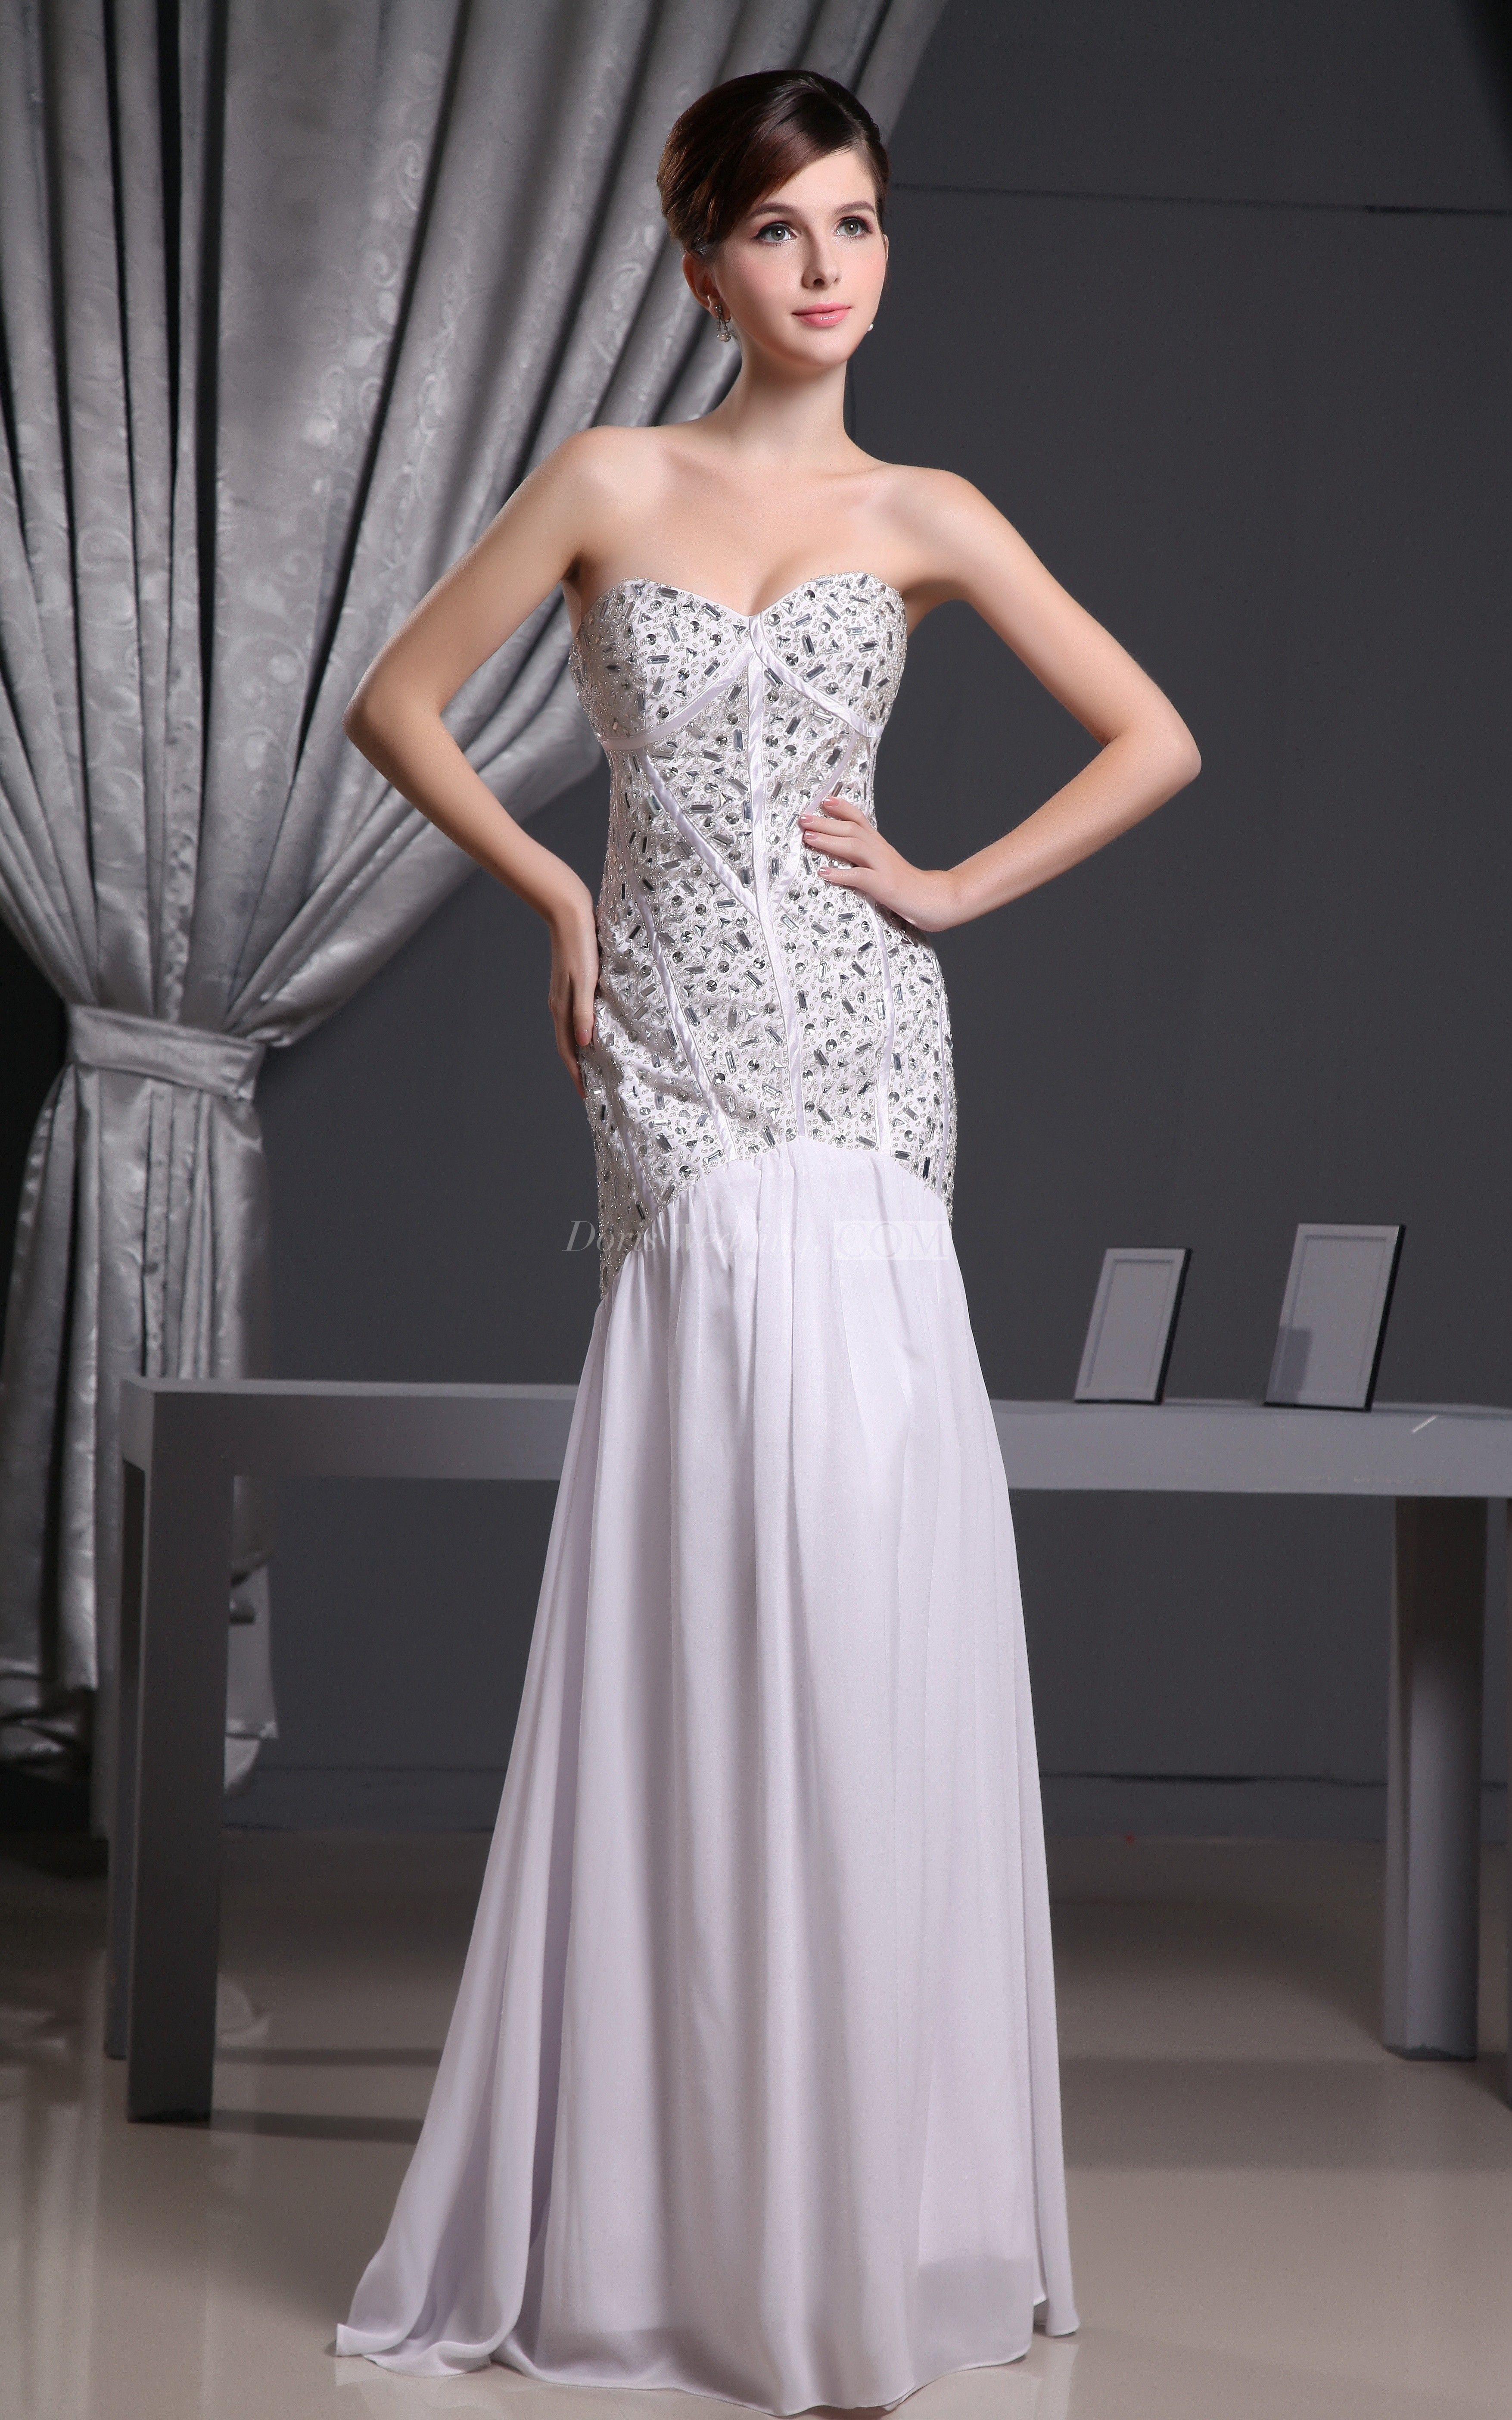 Sleeveless embellished chiffon long dress with beaded bodice